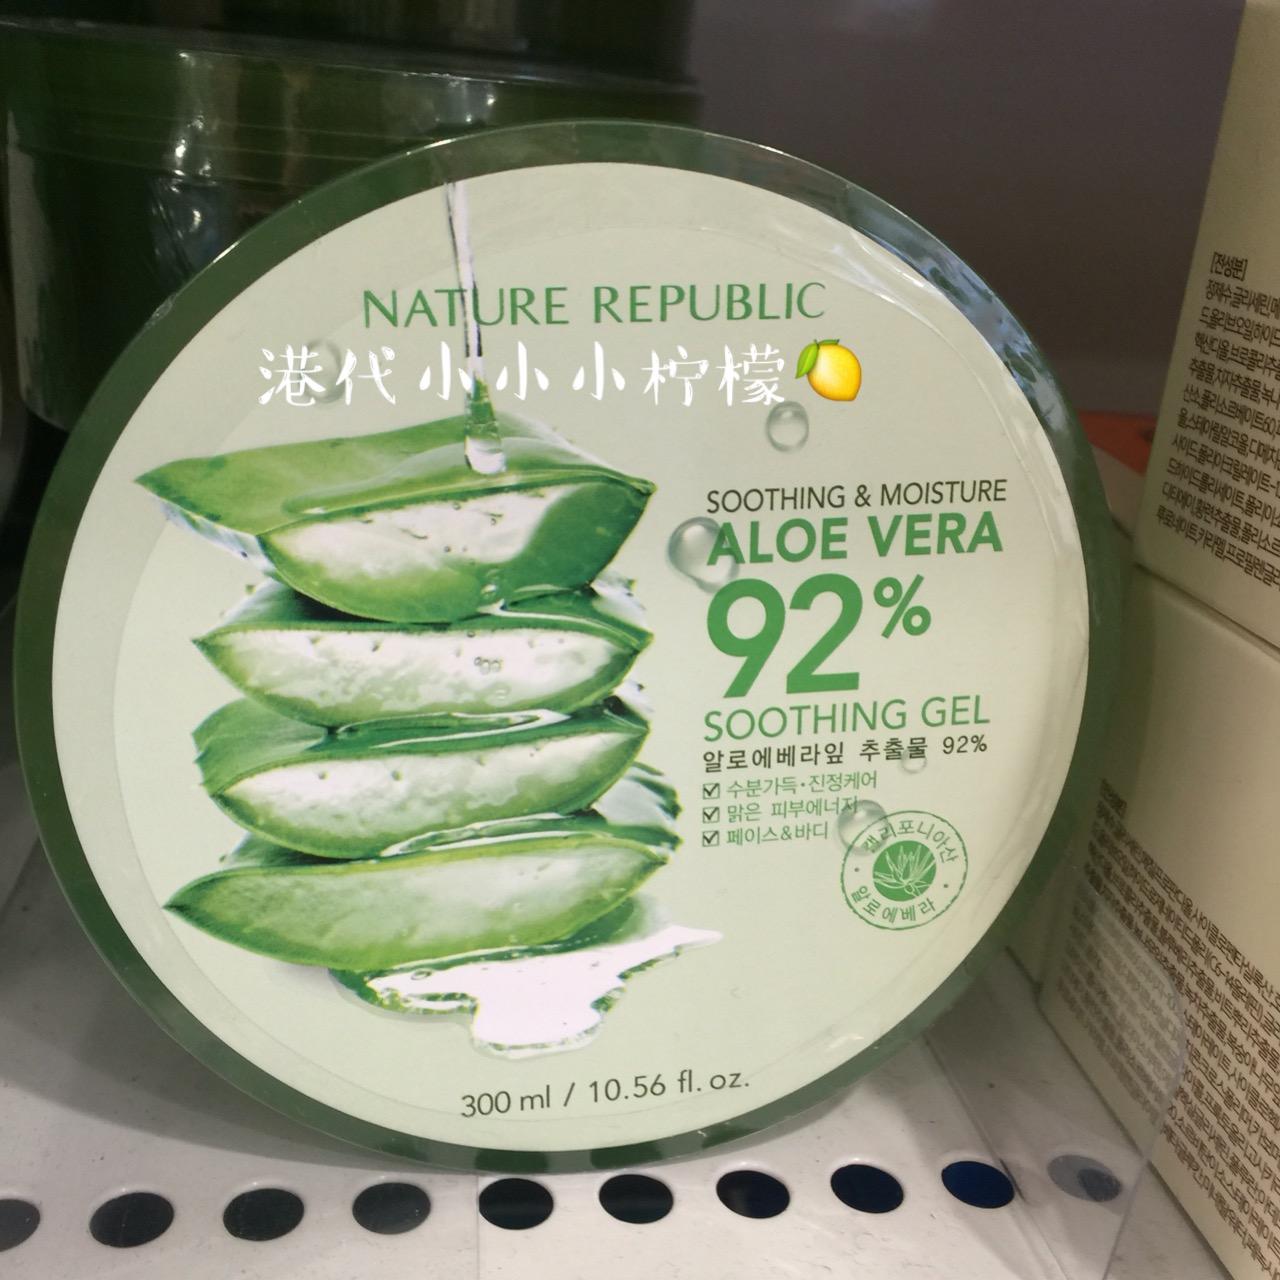 korea od naproti parku (k léčbě akné krém aloe gel na 痘印 světle indy rehydratační masku megas 300ml krémy